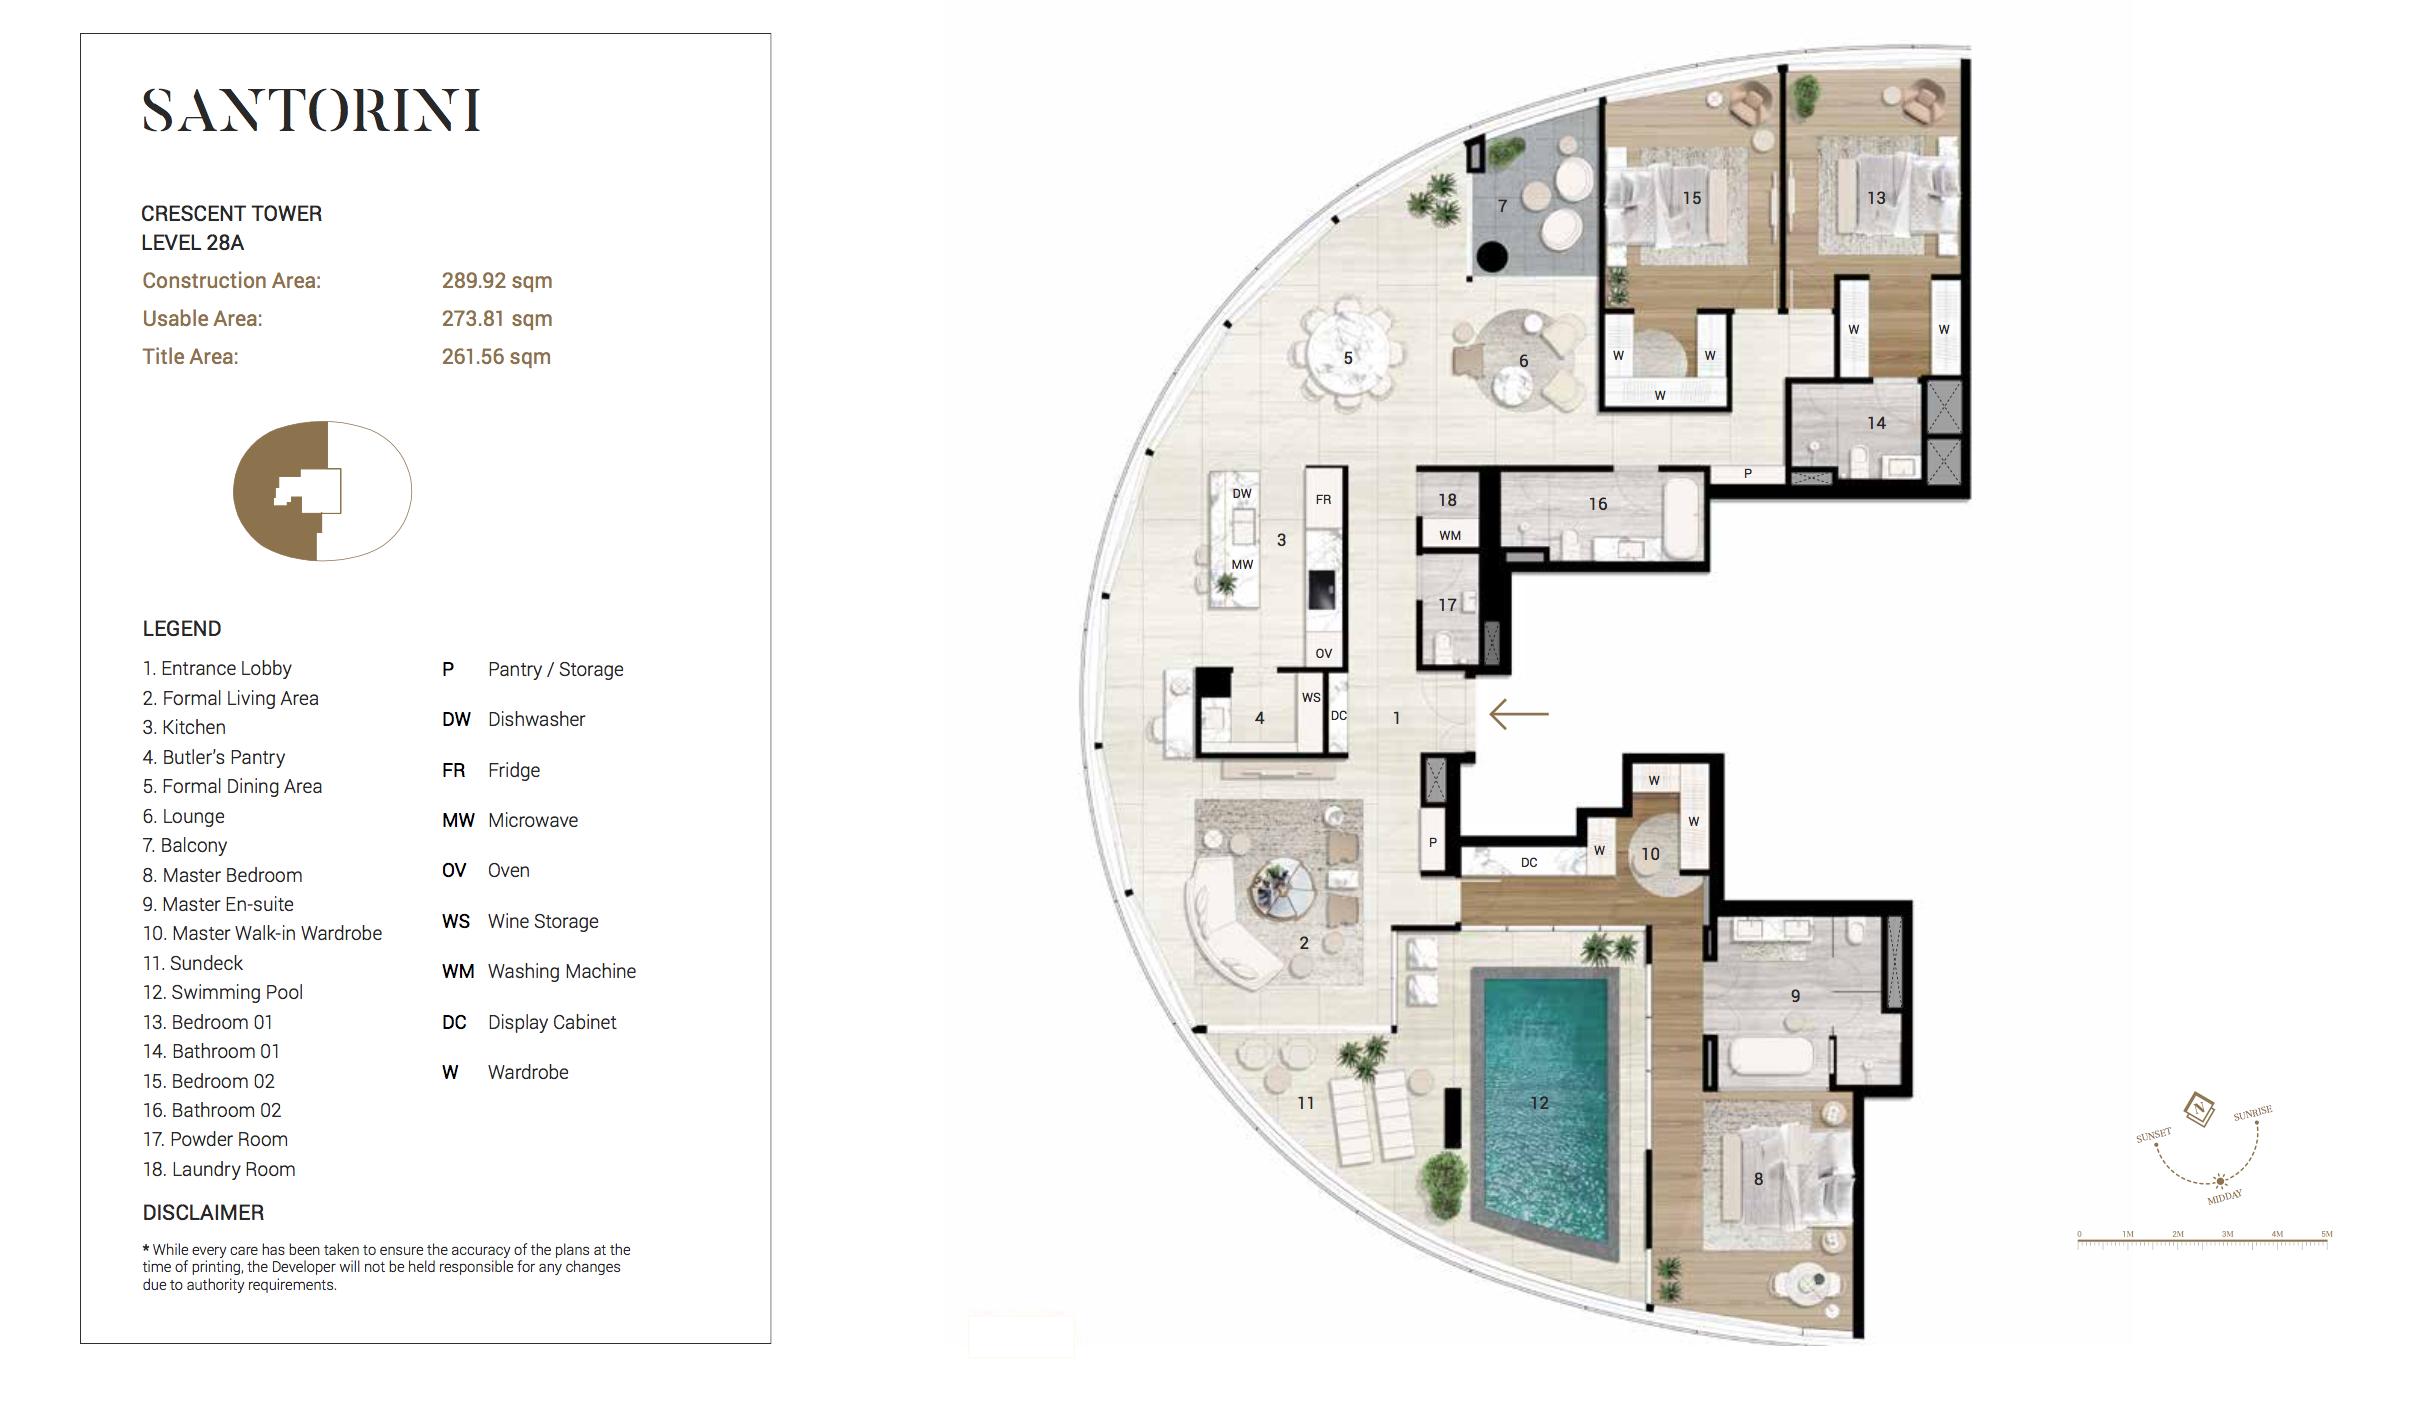 Penthouse City Garden Unit Santorini L28a Crescent Tower Luxury Penthouse Penthouse Penthouse Design